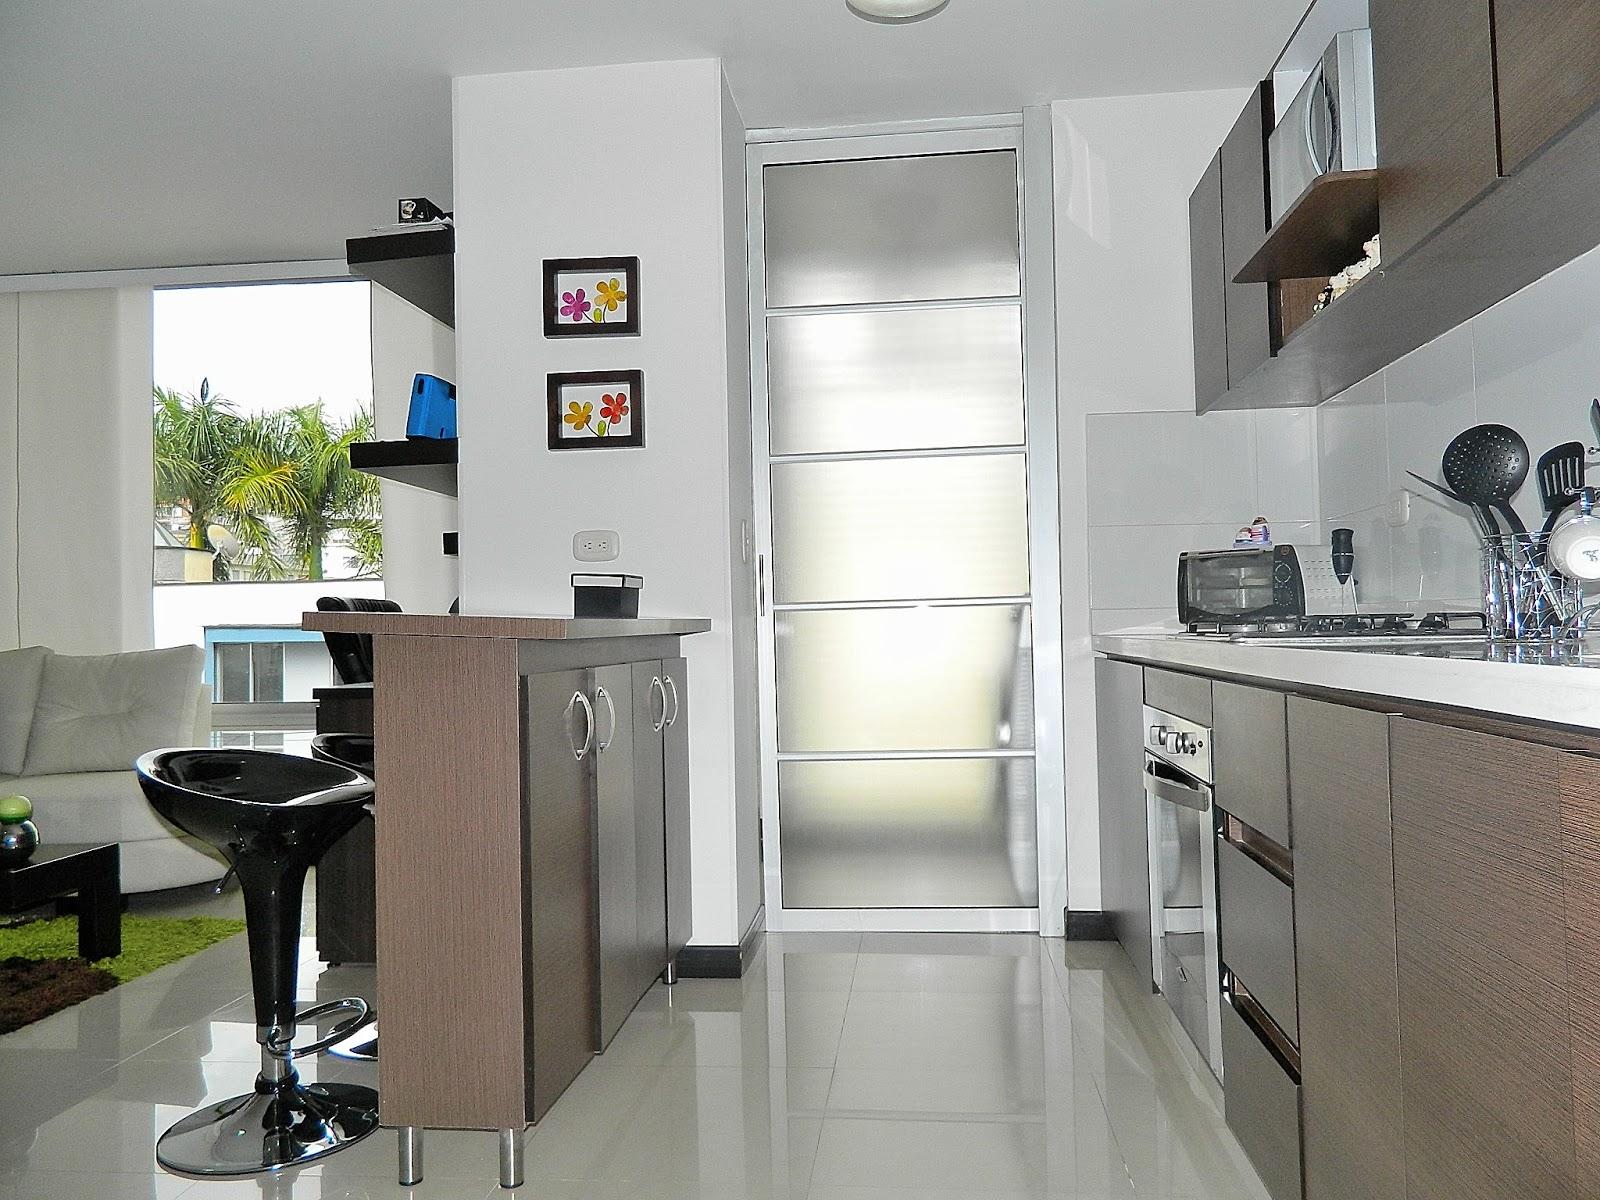 Venta apartamento sector la estrella manizales en 165 for Cocinas integrales manizales